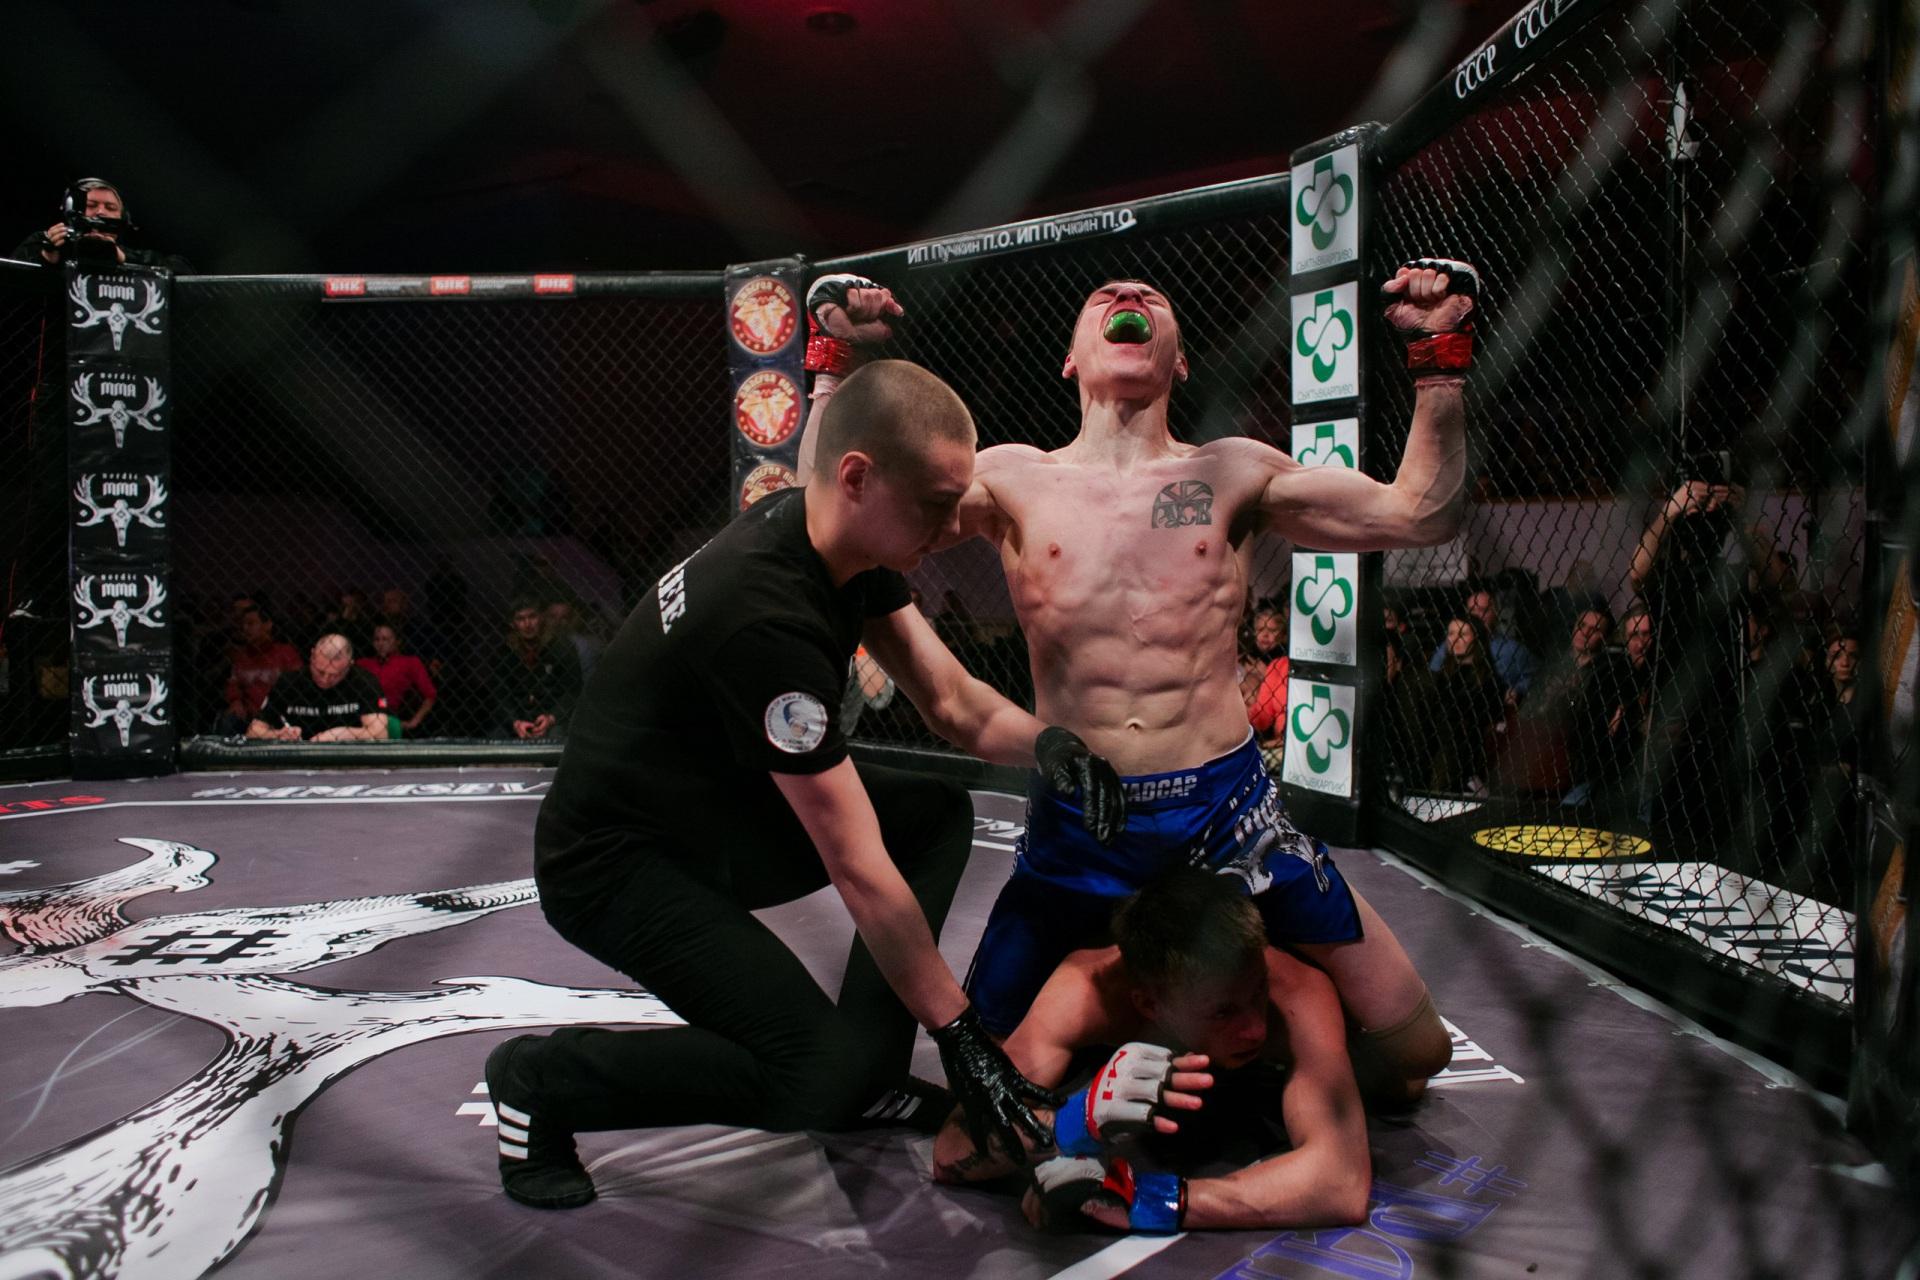 На Parma Fights-8 сыктывкарец Виталий Чесноков сразится с французом Кума Ромео